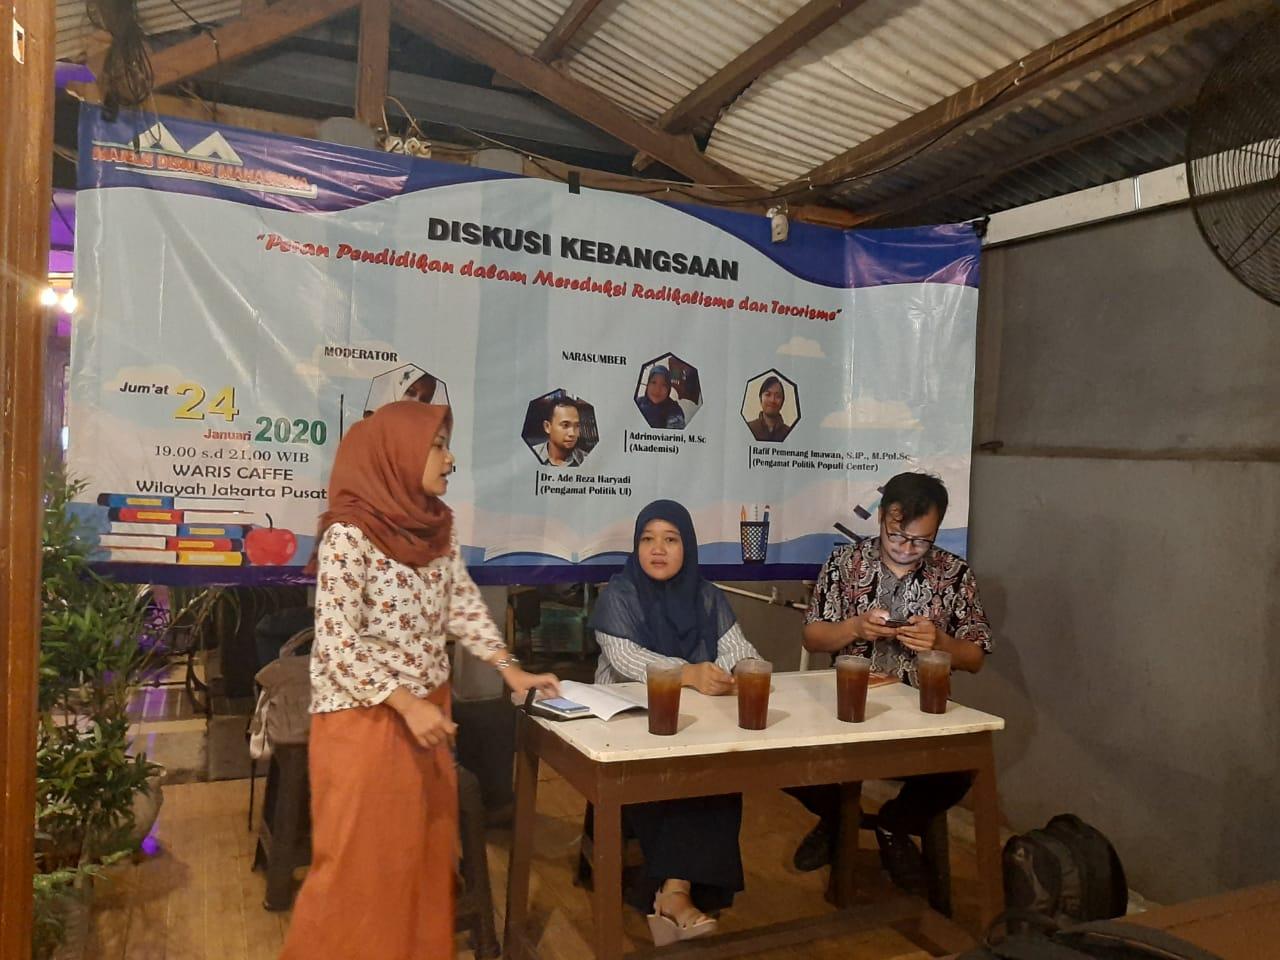 Majelis Diskusi Mahasiswa Gelar Diskusi Kebangsaan, Peran Pendidikan Dalam Mereduksi Radikalisme dan Terorisme